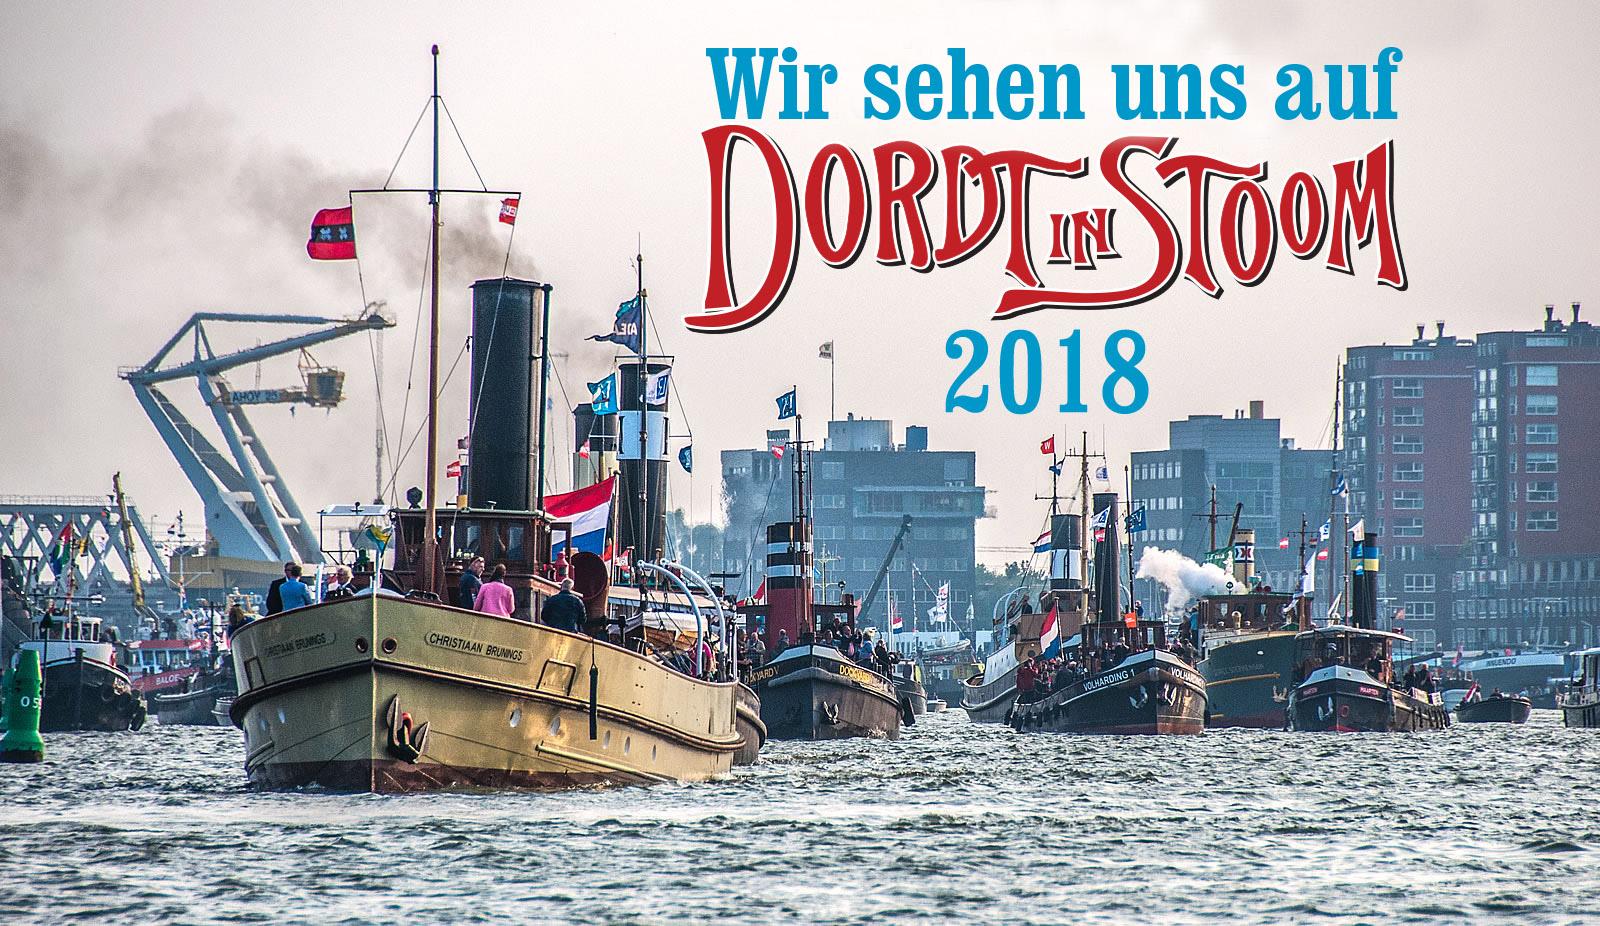 wir sehen uns auf Dordt in Stoom 2018